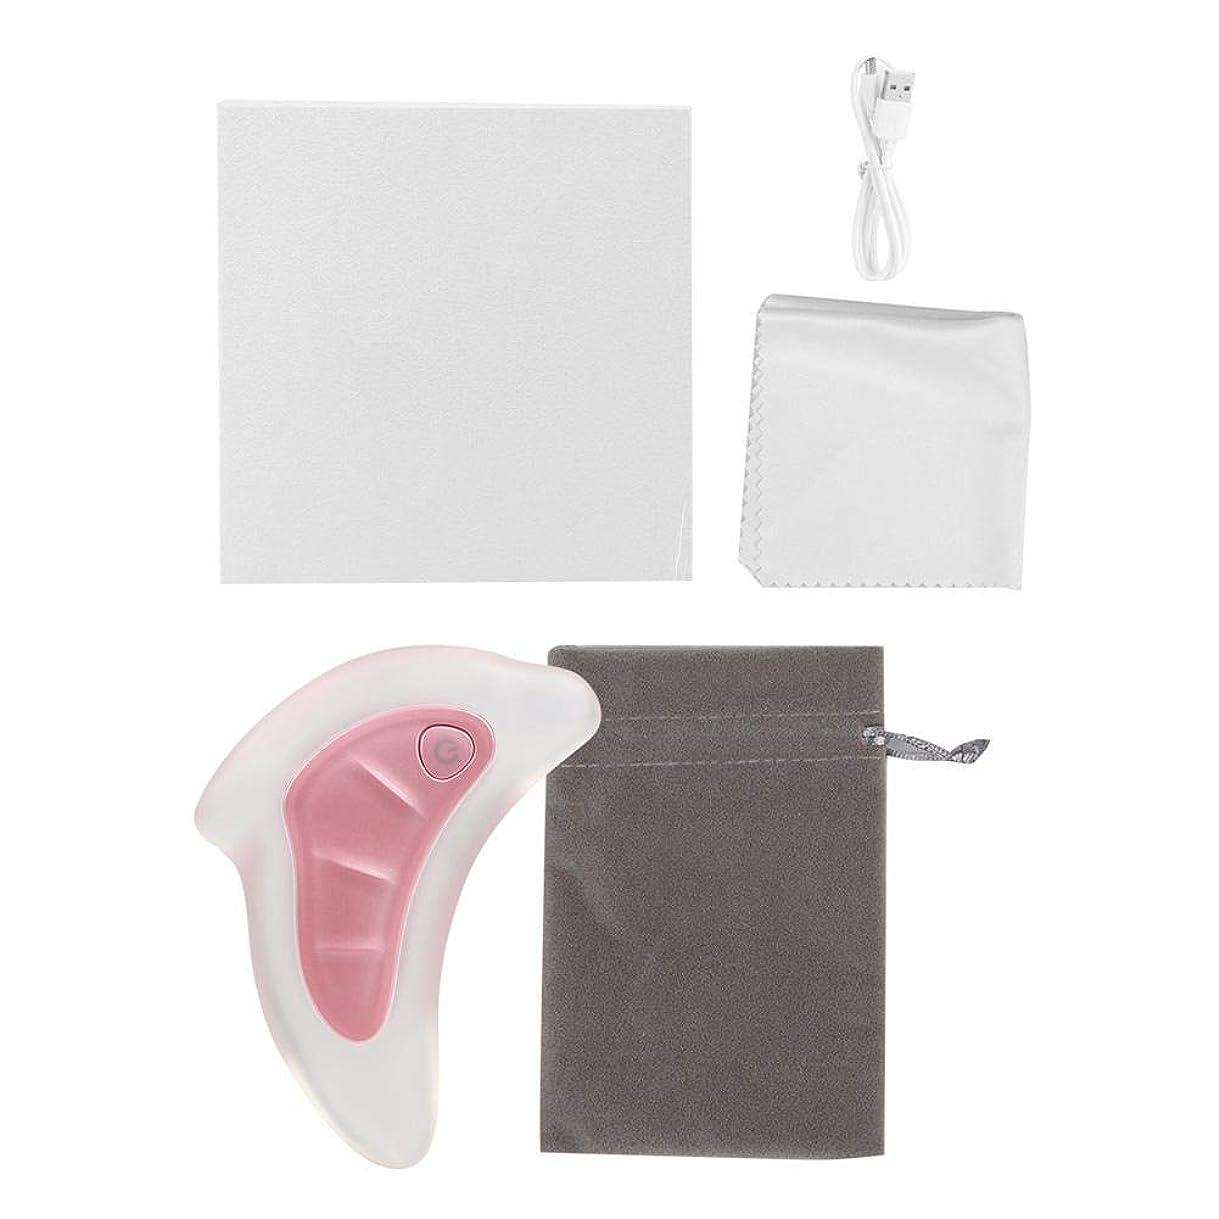 限りなく洞察力溝2色スクレーピングマッサージャー - フェイスリフティングスクレーパー、グアシャツール - アンチエイジング、アンチリンクルマッサージ&フェイシャルグアシャ、カラフルなライトを廃棄するための楽器(ピンク)